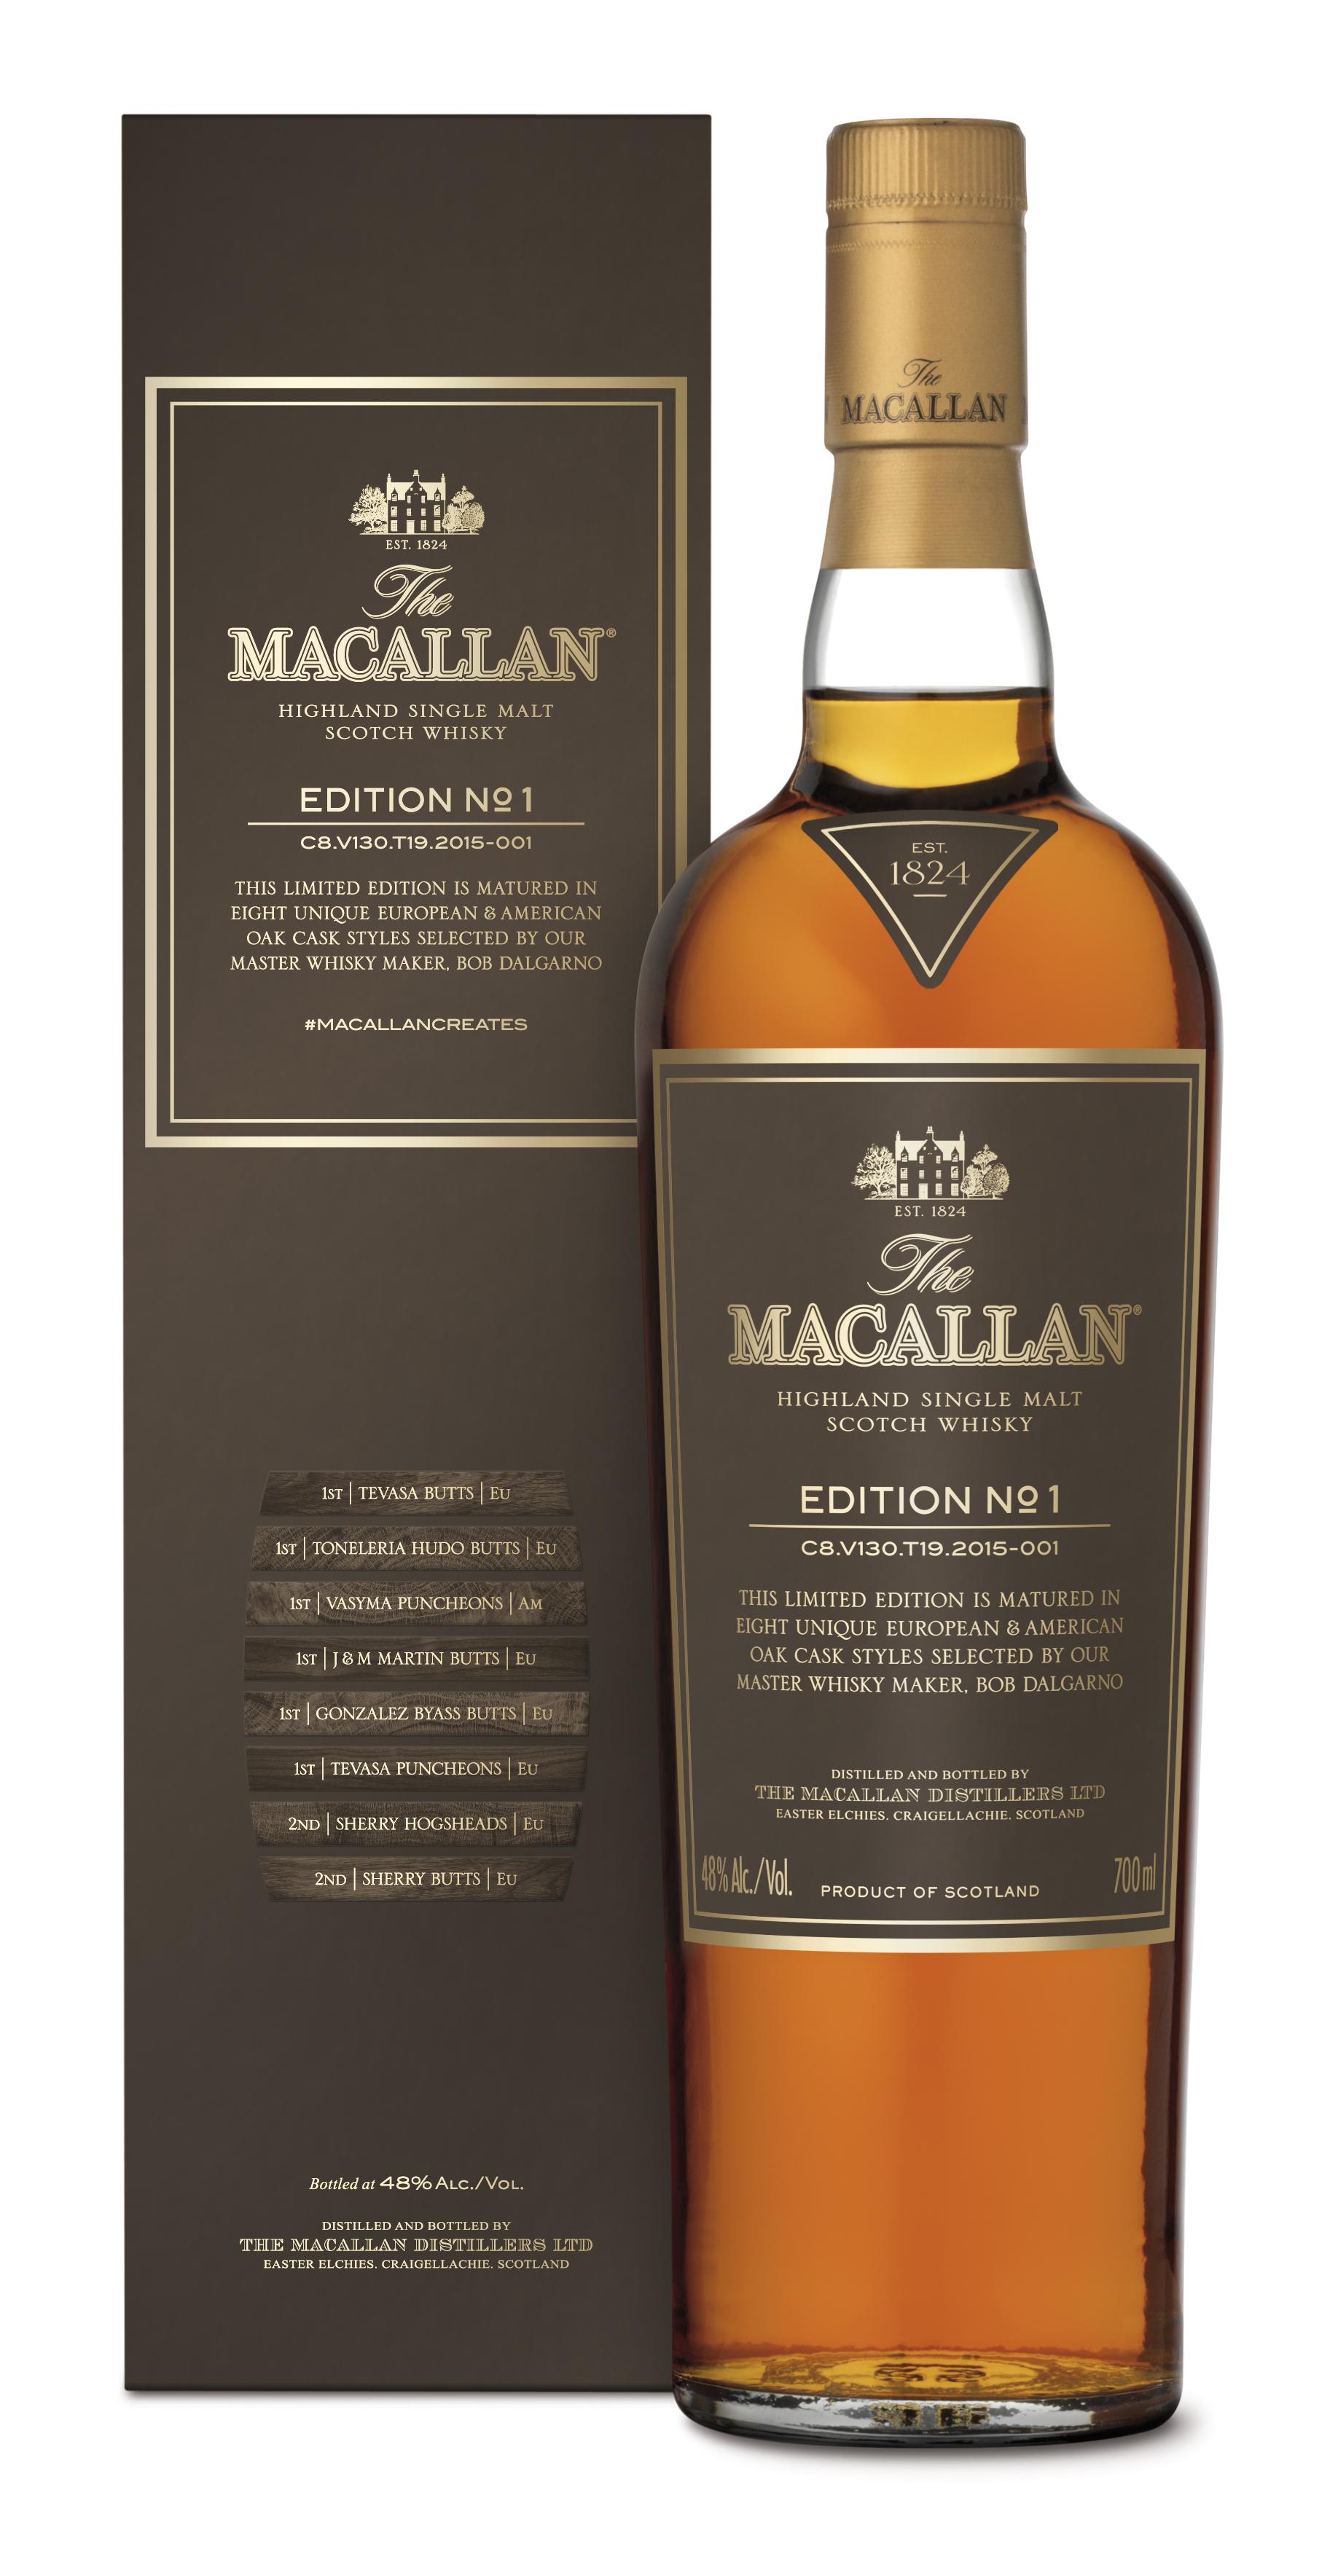 The Macallan Edition No. 1